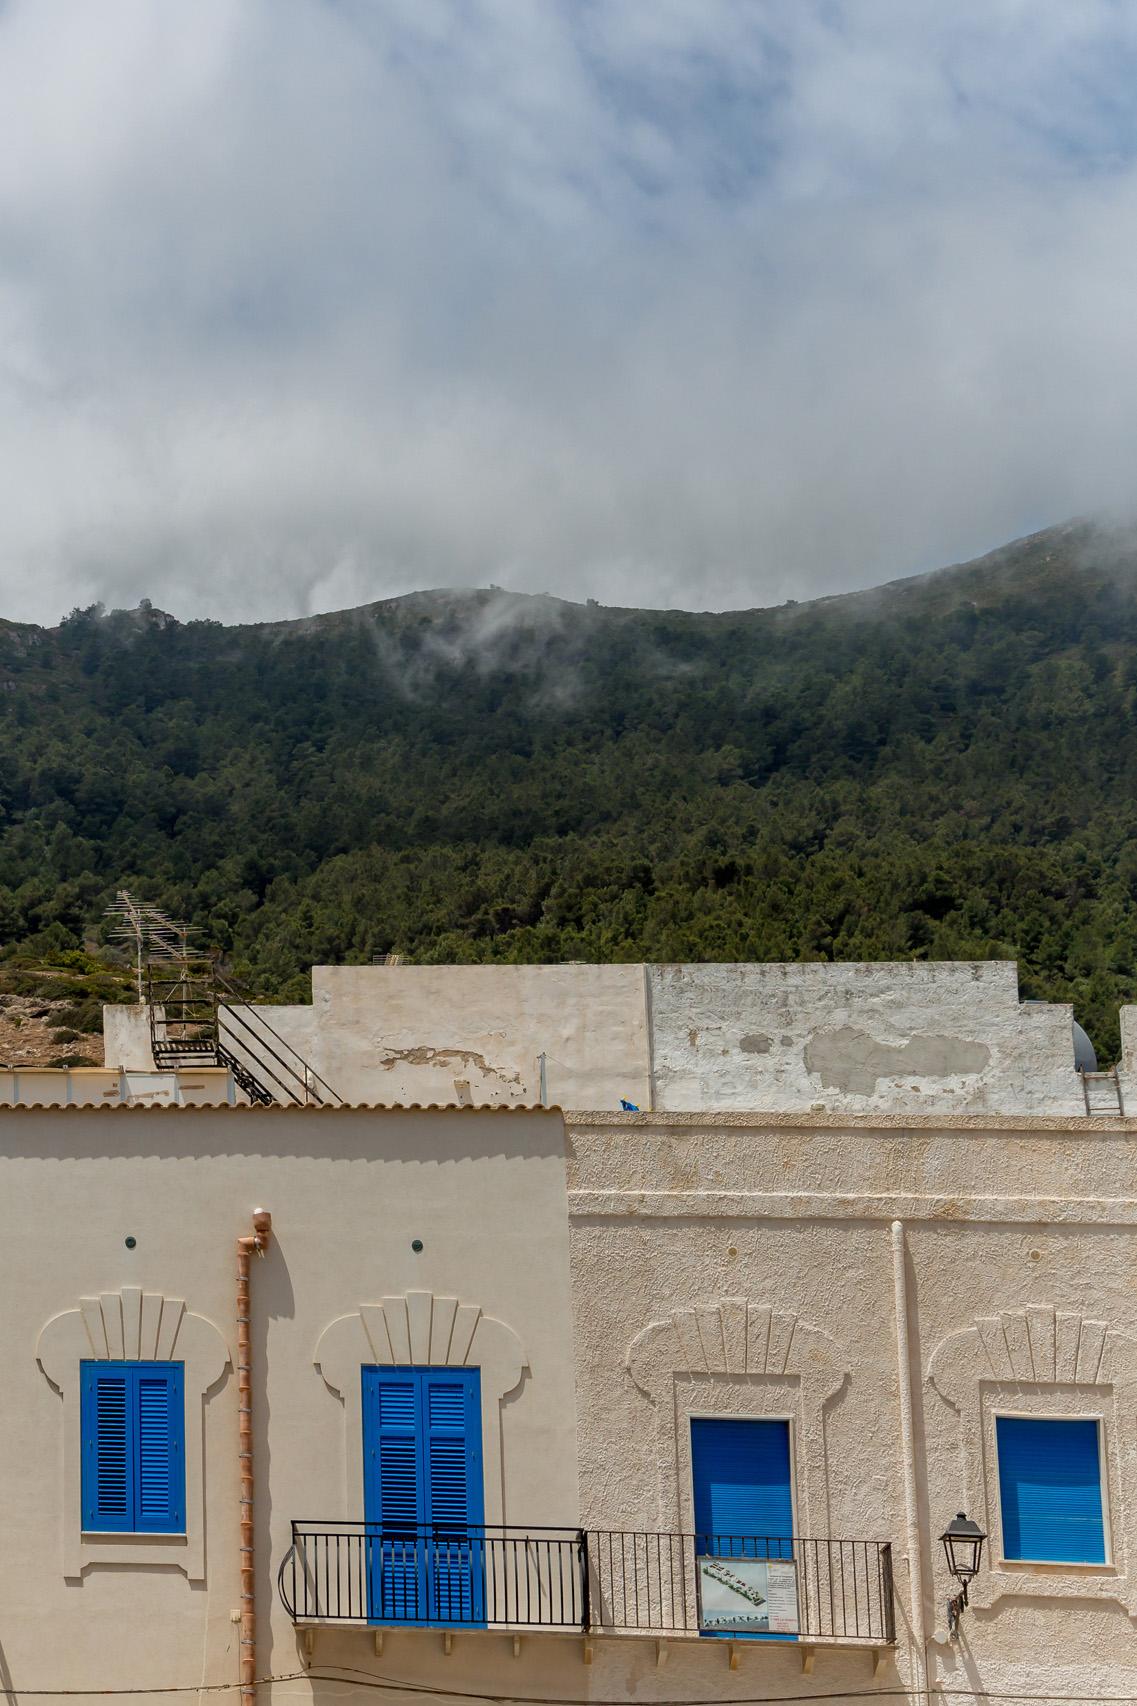 Blue shutters of Marettimo, Sicily